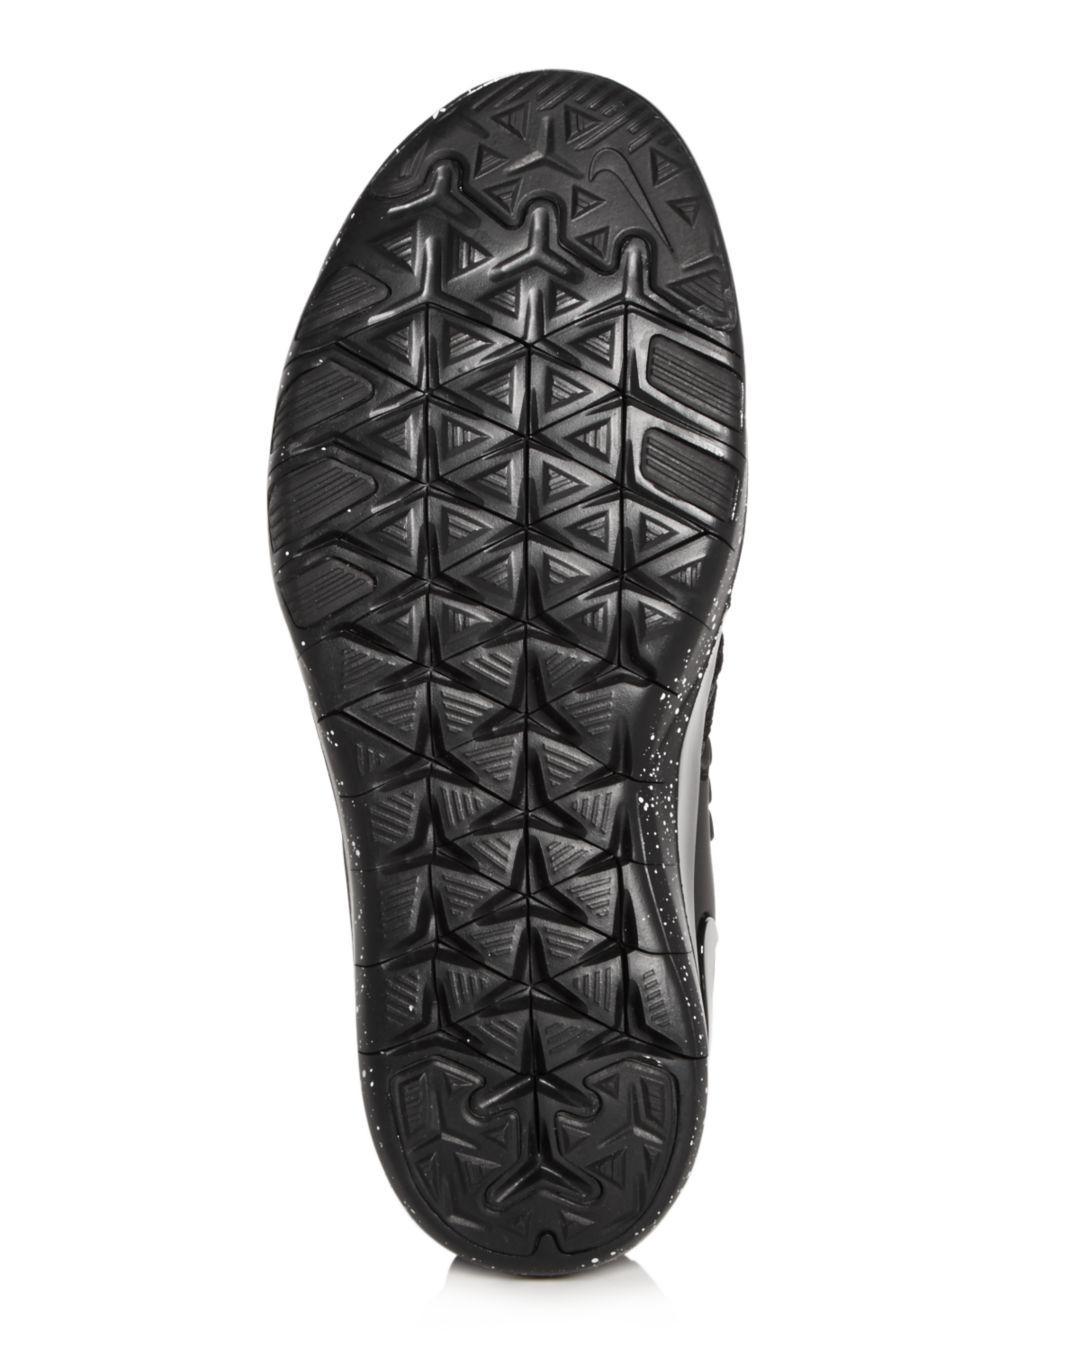 243a9d10e4326 Lyst - Nike Women s Free Tr 7 Selfie Lace Up Sneakers in Black